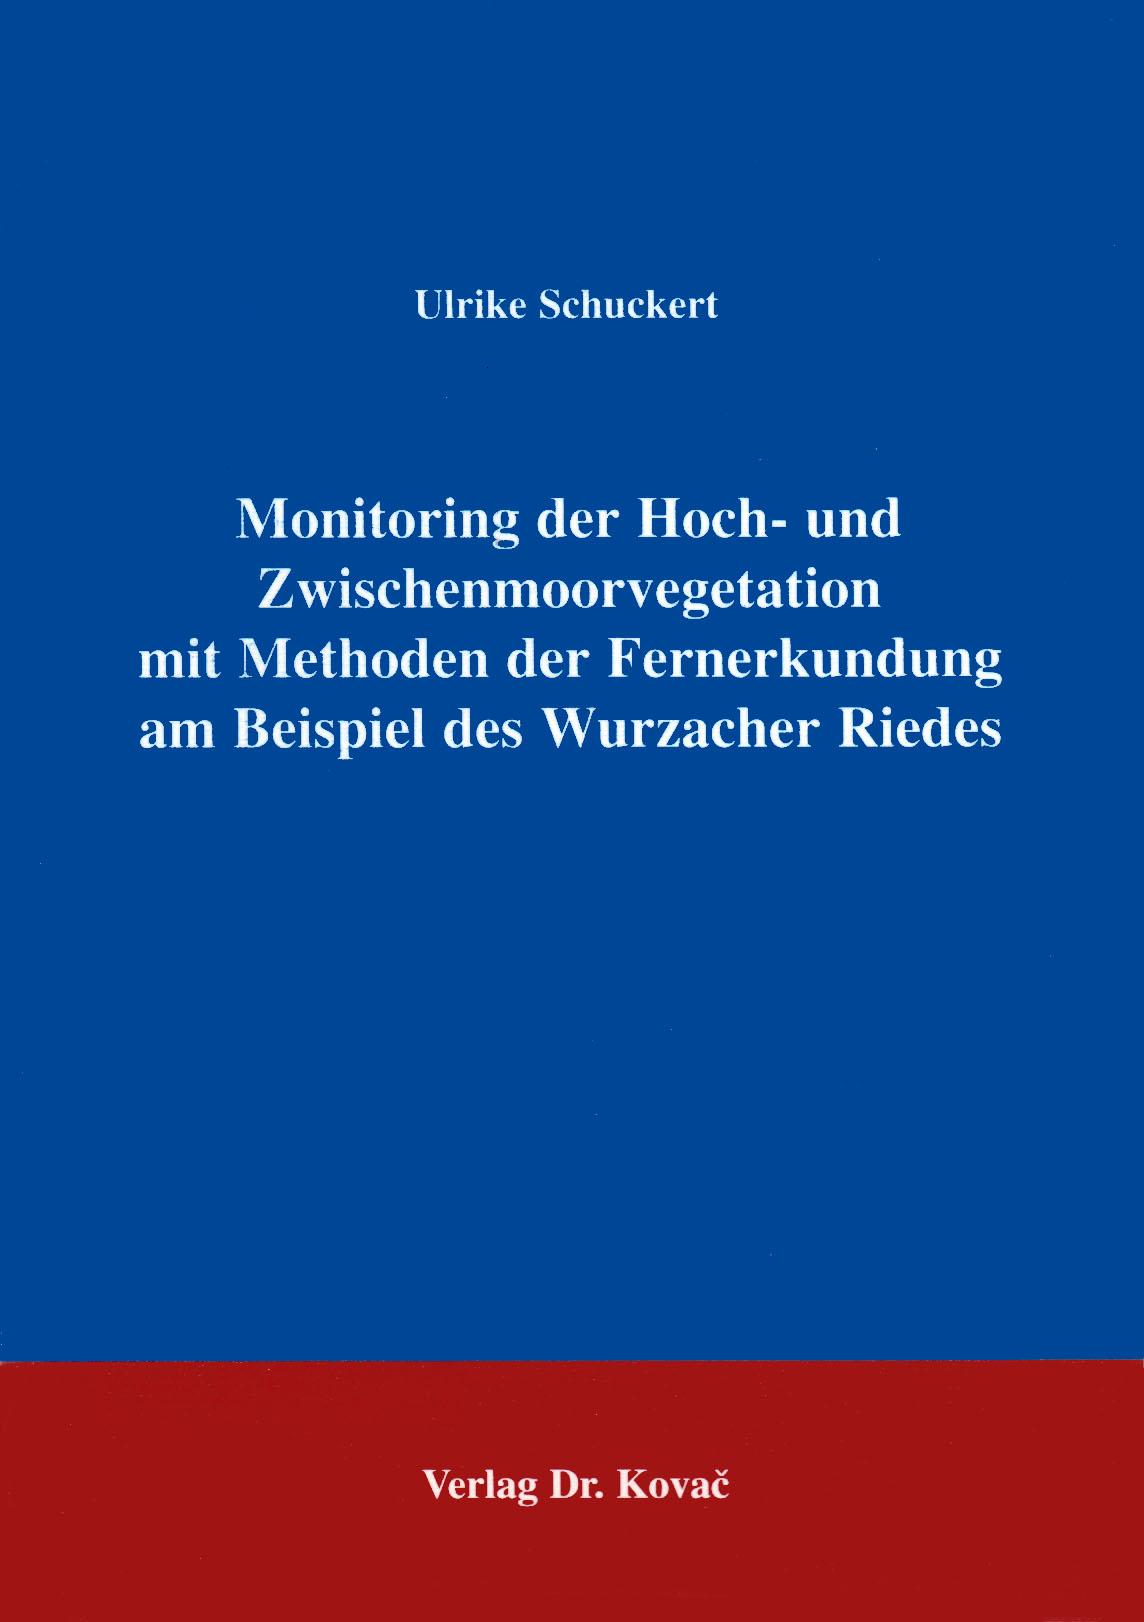 Cover: Monitoring der Hoch- und Zwischenmoorvegetation mit Methoden der Fernerkundung am Beispiel des Wurzacher Riedes